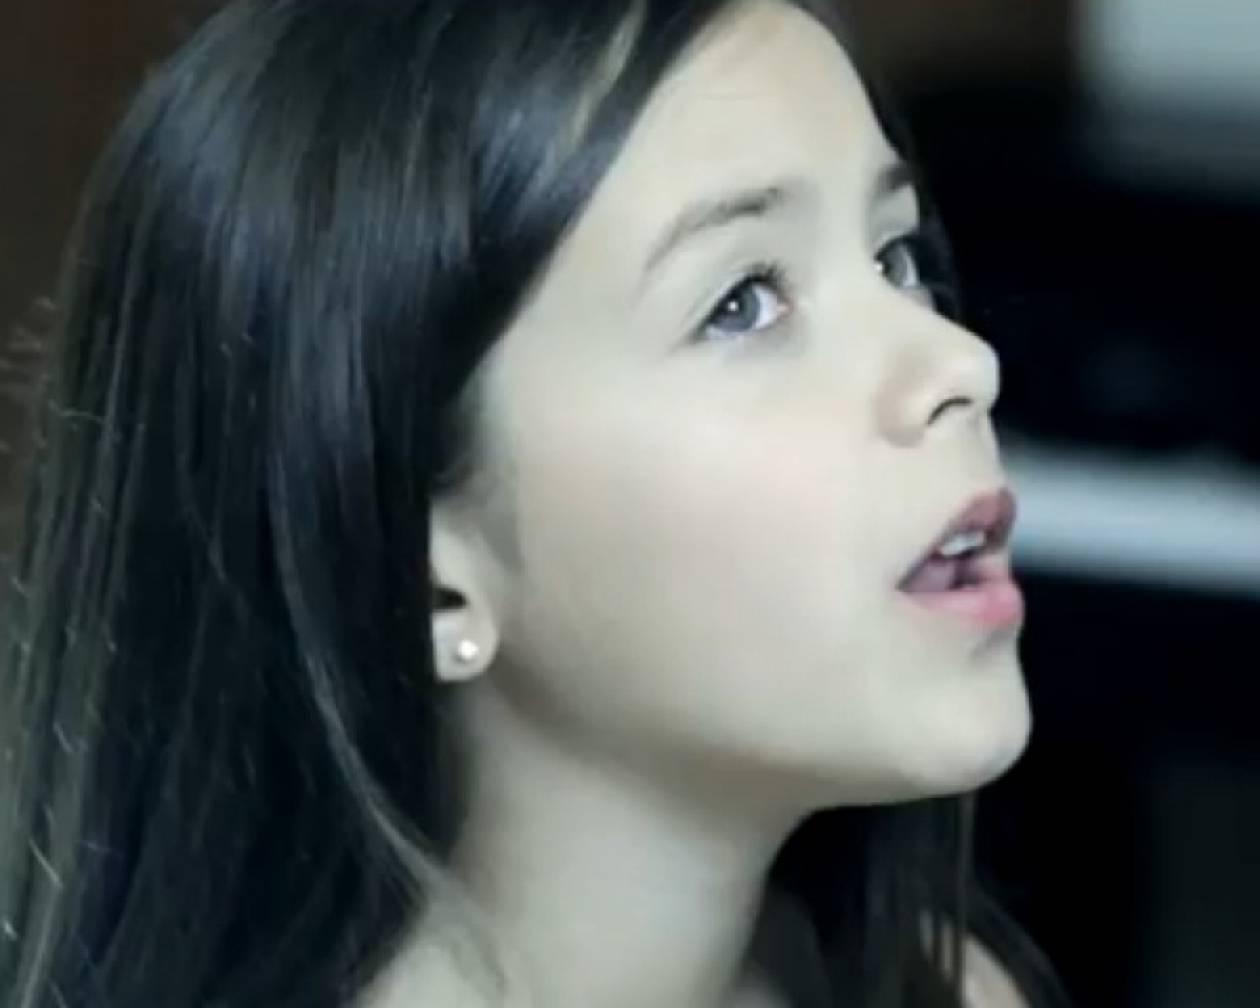 Μια 10χρονη τραγουδά Adele και το You Tube «υποκλίνεται»!